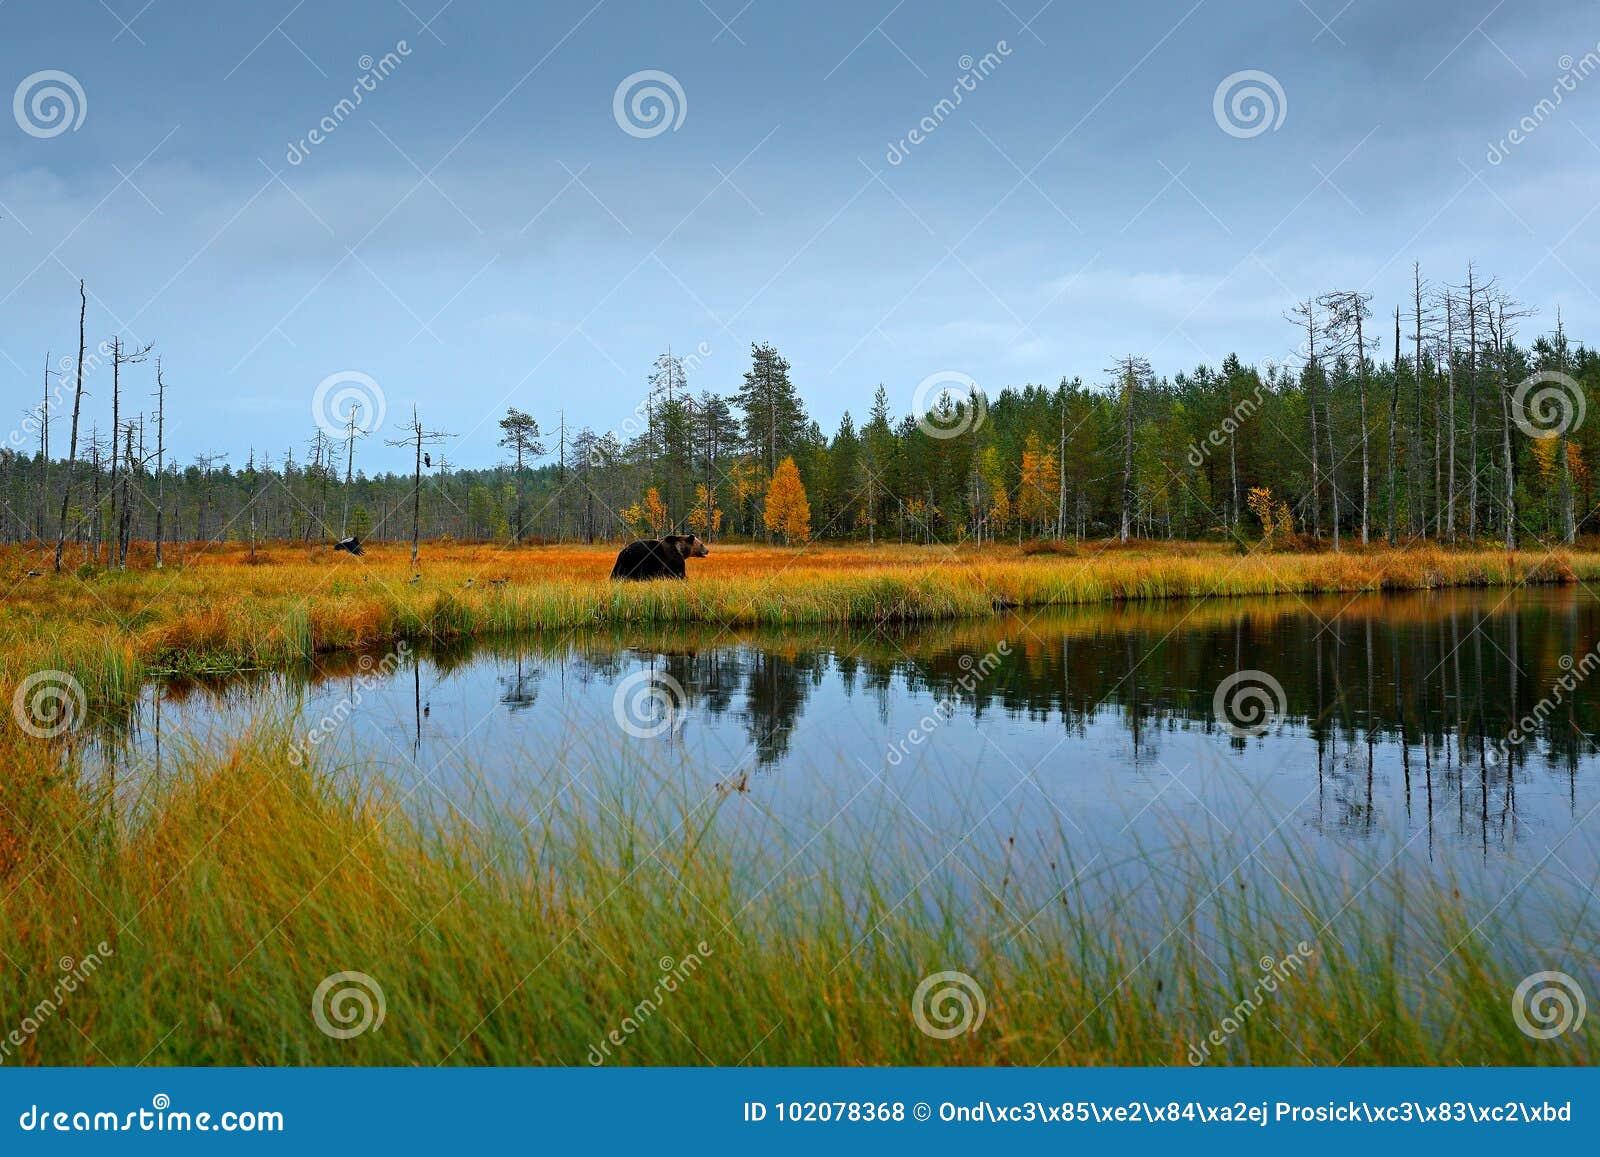 Jesieni jezioro z niedźwiedziem i drzewa Piękny brown niedźwiedź chodzi wokoło jeziora z spadków colours Niebezpieczny zwierzę w